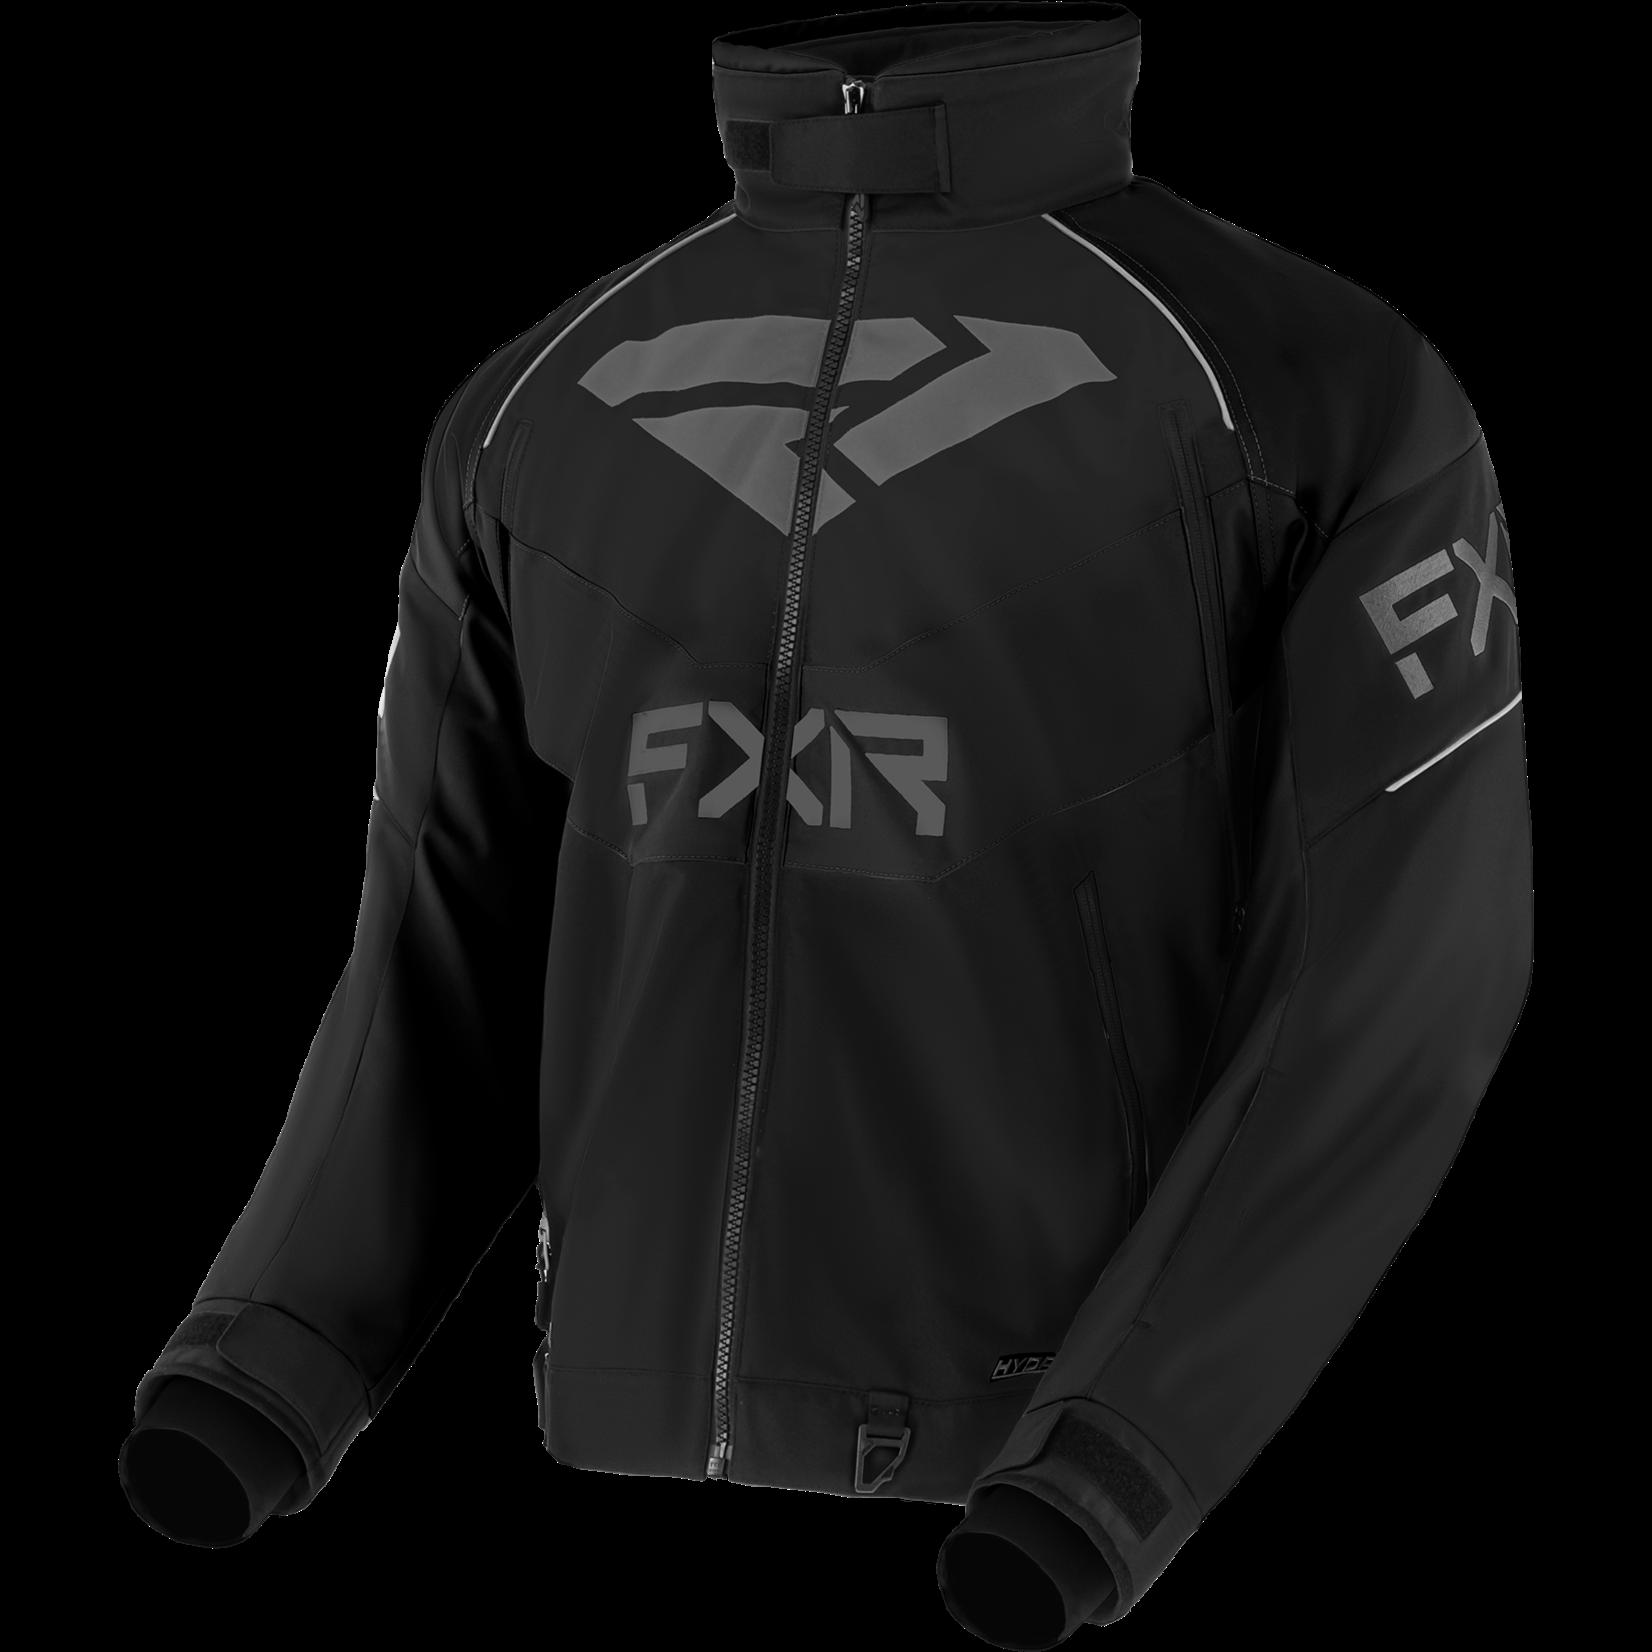 FXR M Fuel Jacket - BLACK OPS - M